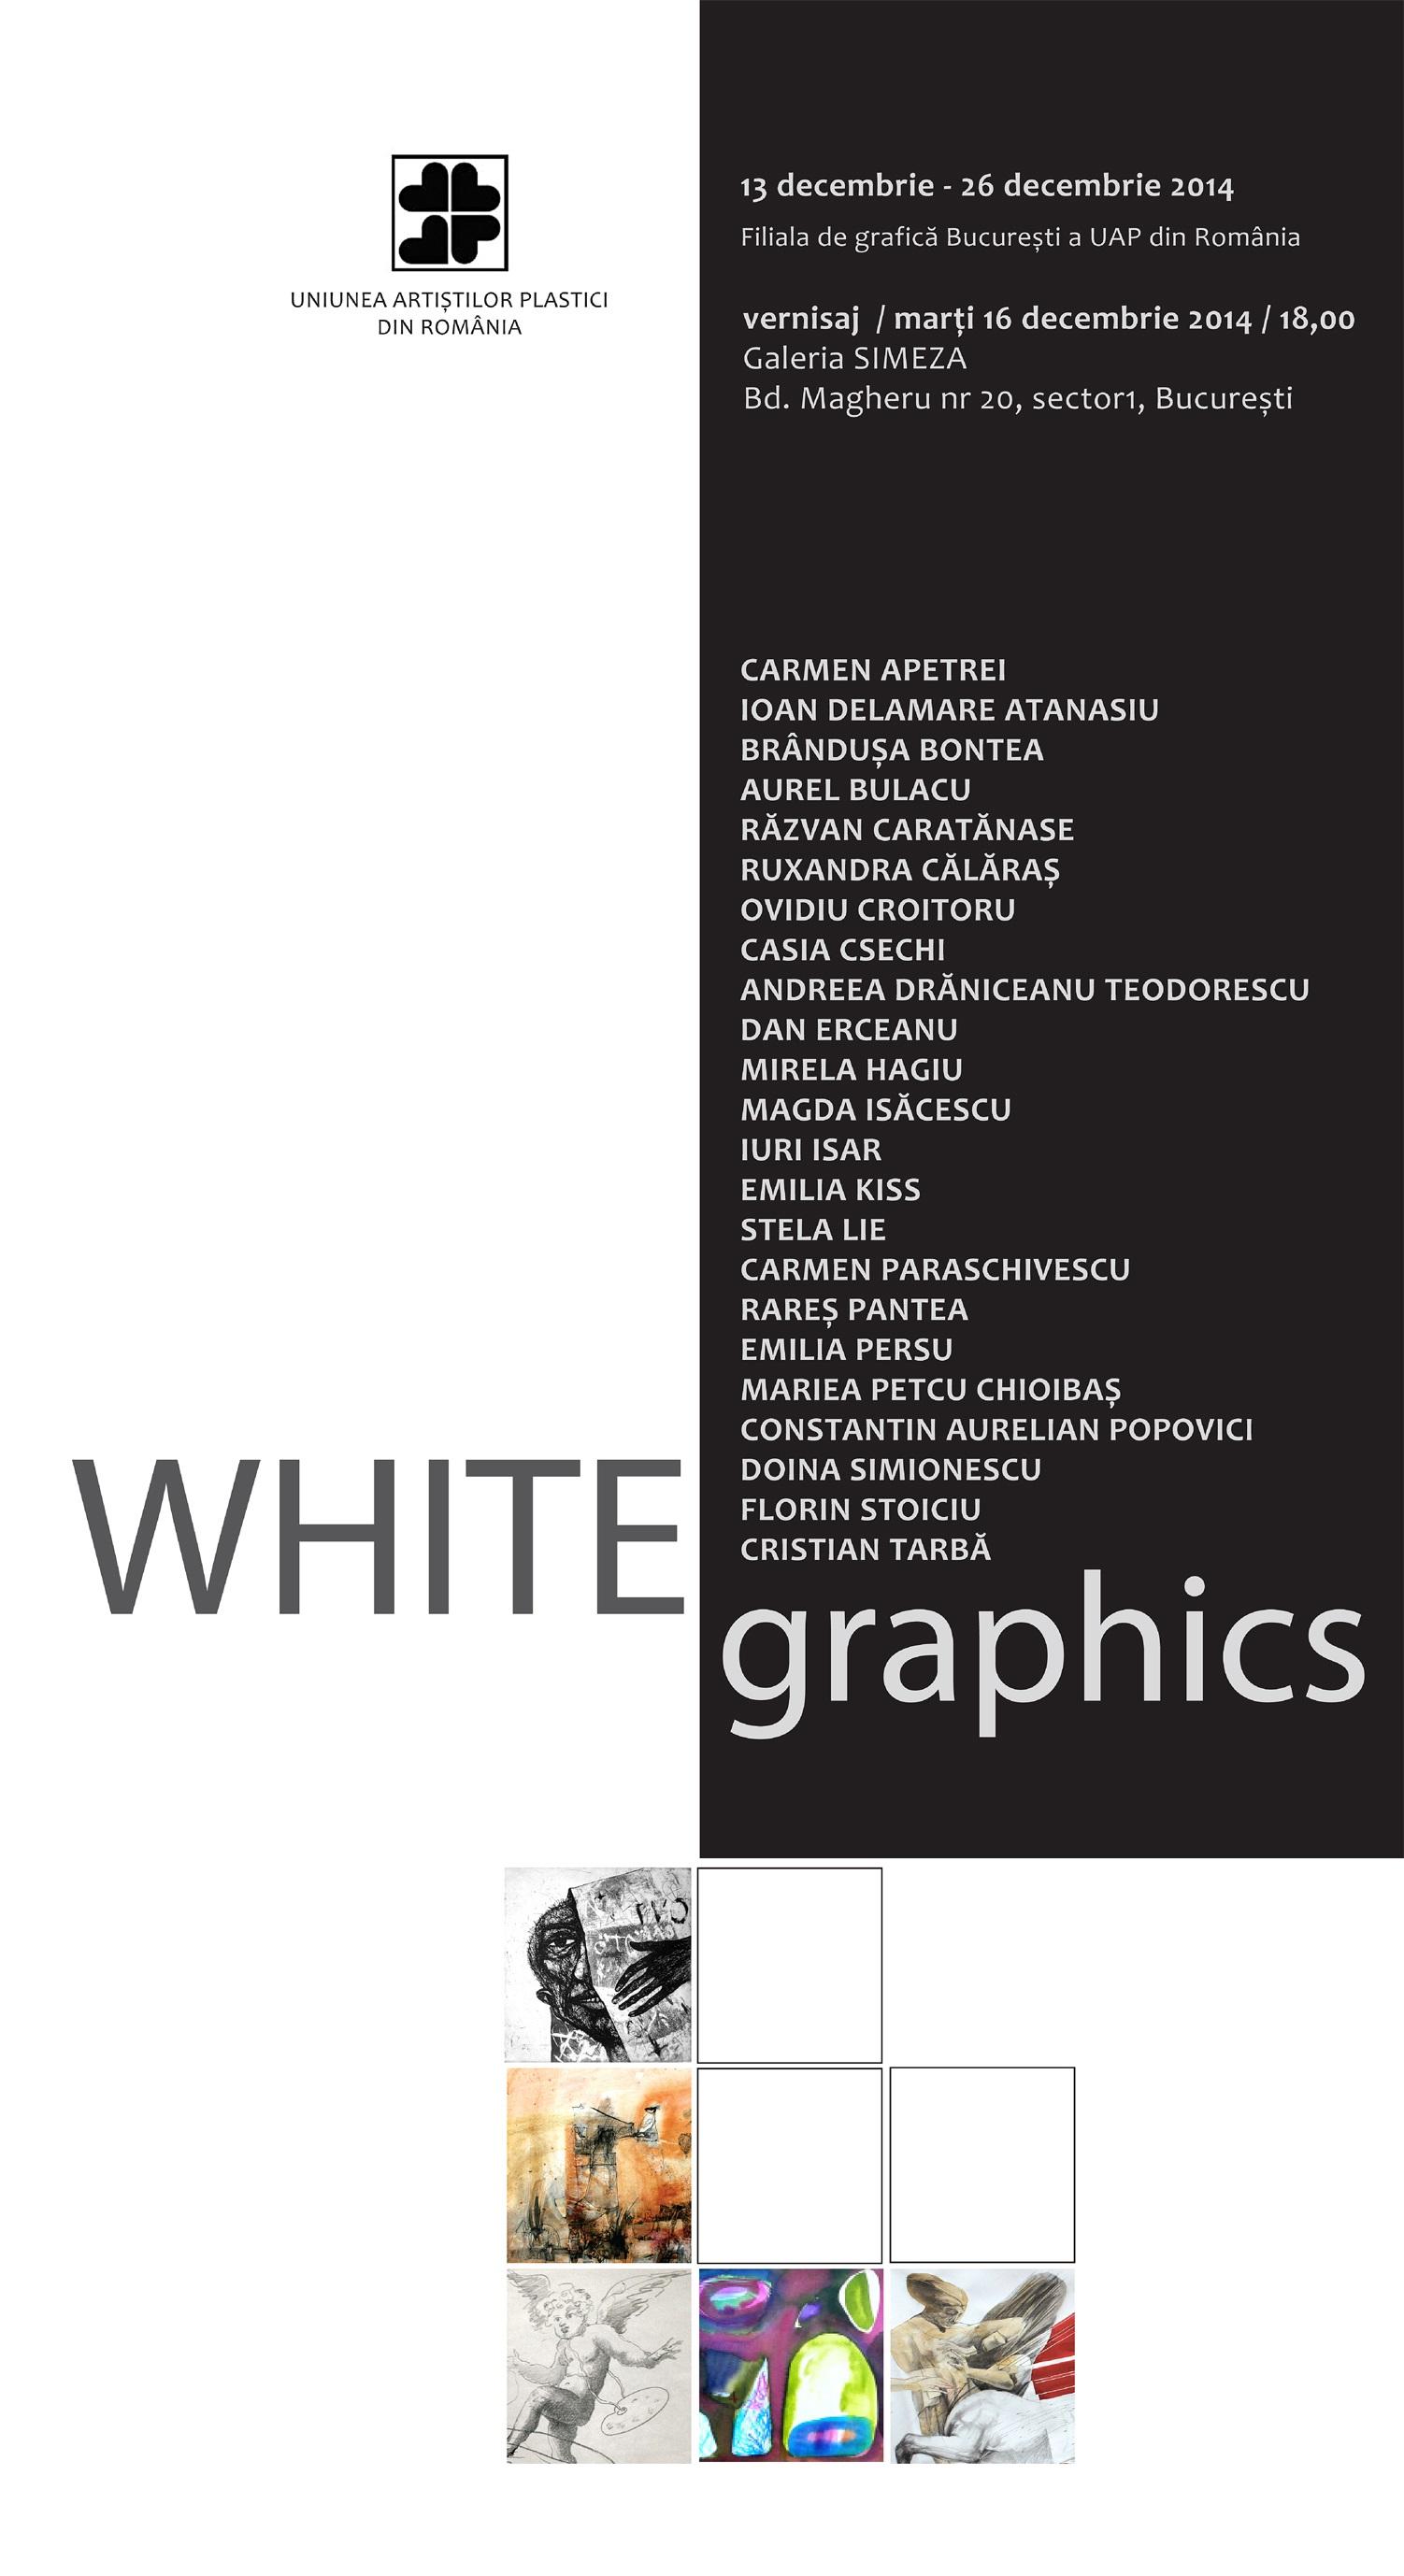 """""""WHITE graphics"""" @ Galeria Simeza, București"""